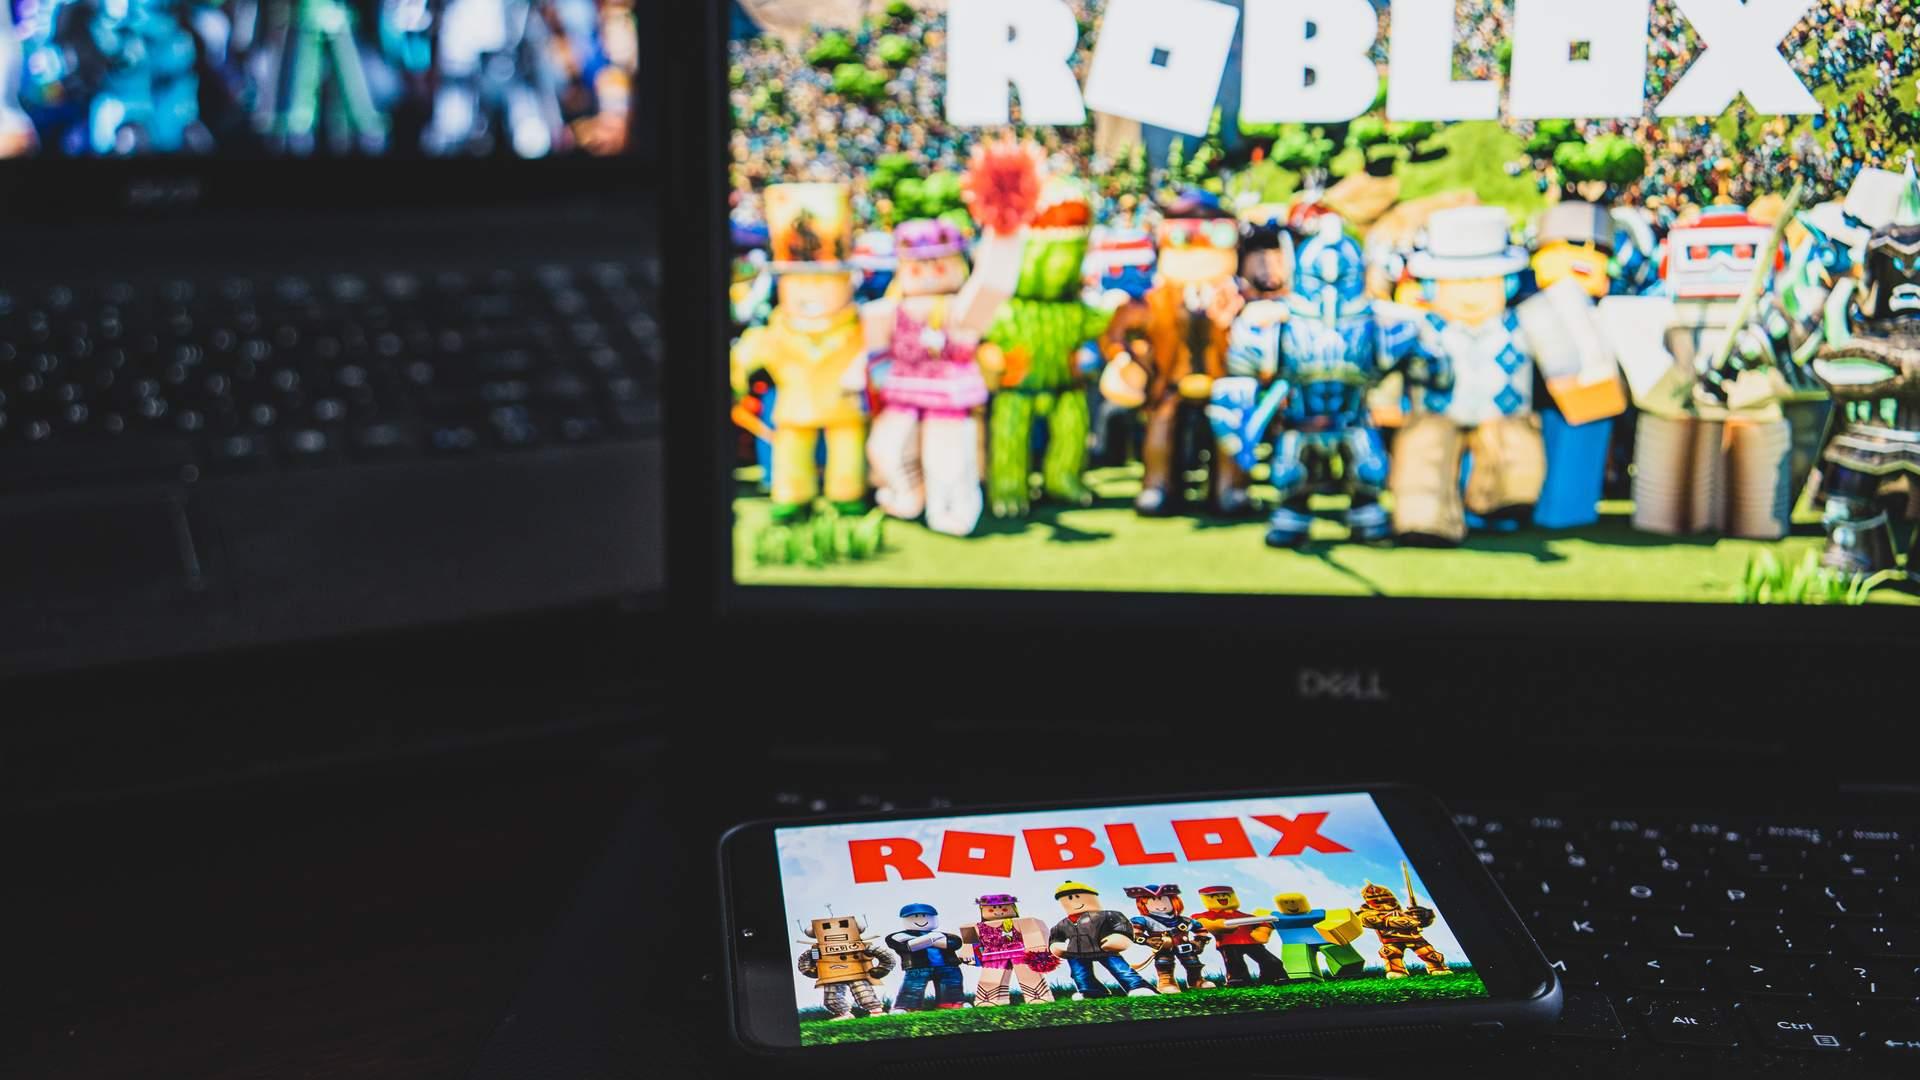 Dependendo da plataforma que jogue o Roblox, você tem mais possibilidades para ganhar Robux de graça (Fonte: Shutterstock/Rokas Tenys)